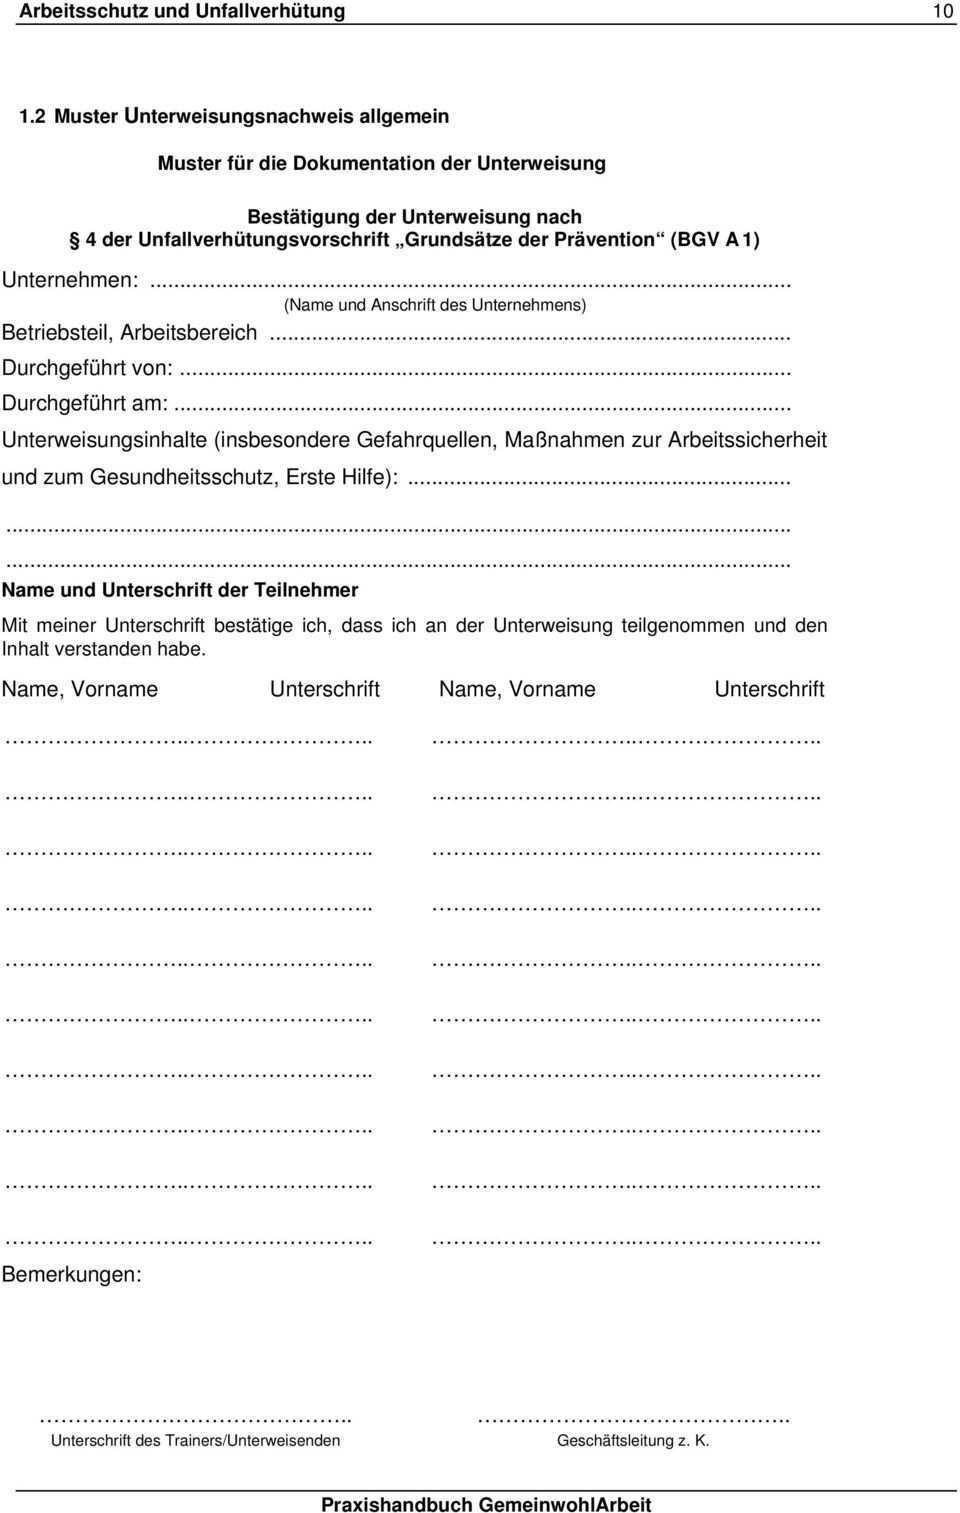 Arbeitsschutz Und Unfallverhutung Pdf Free Download